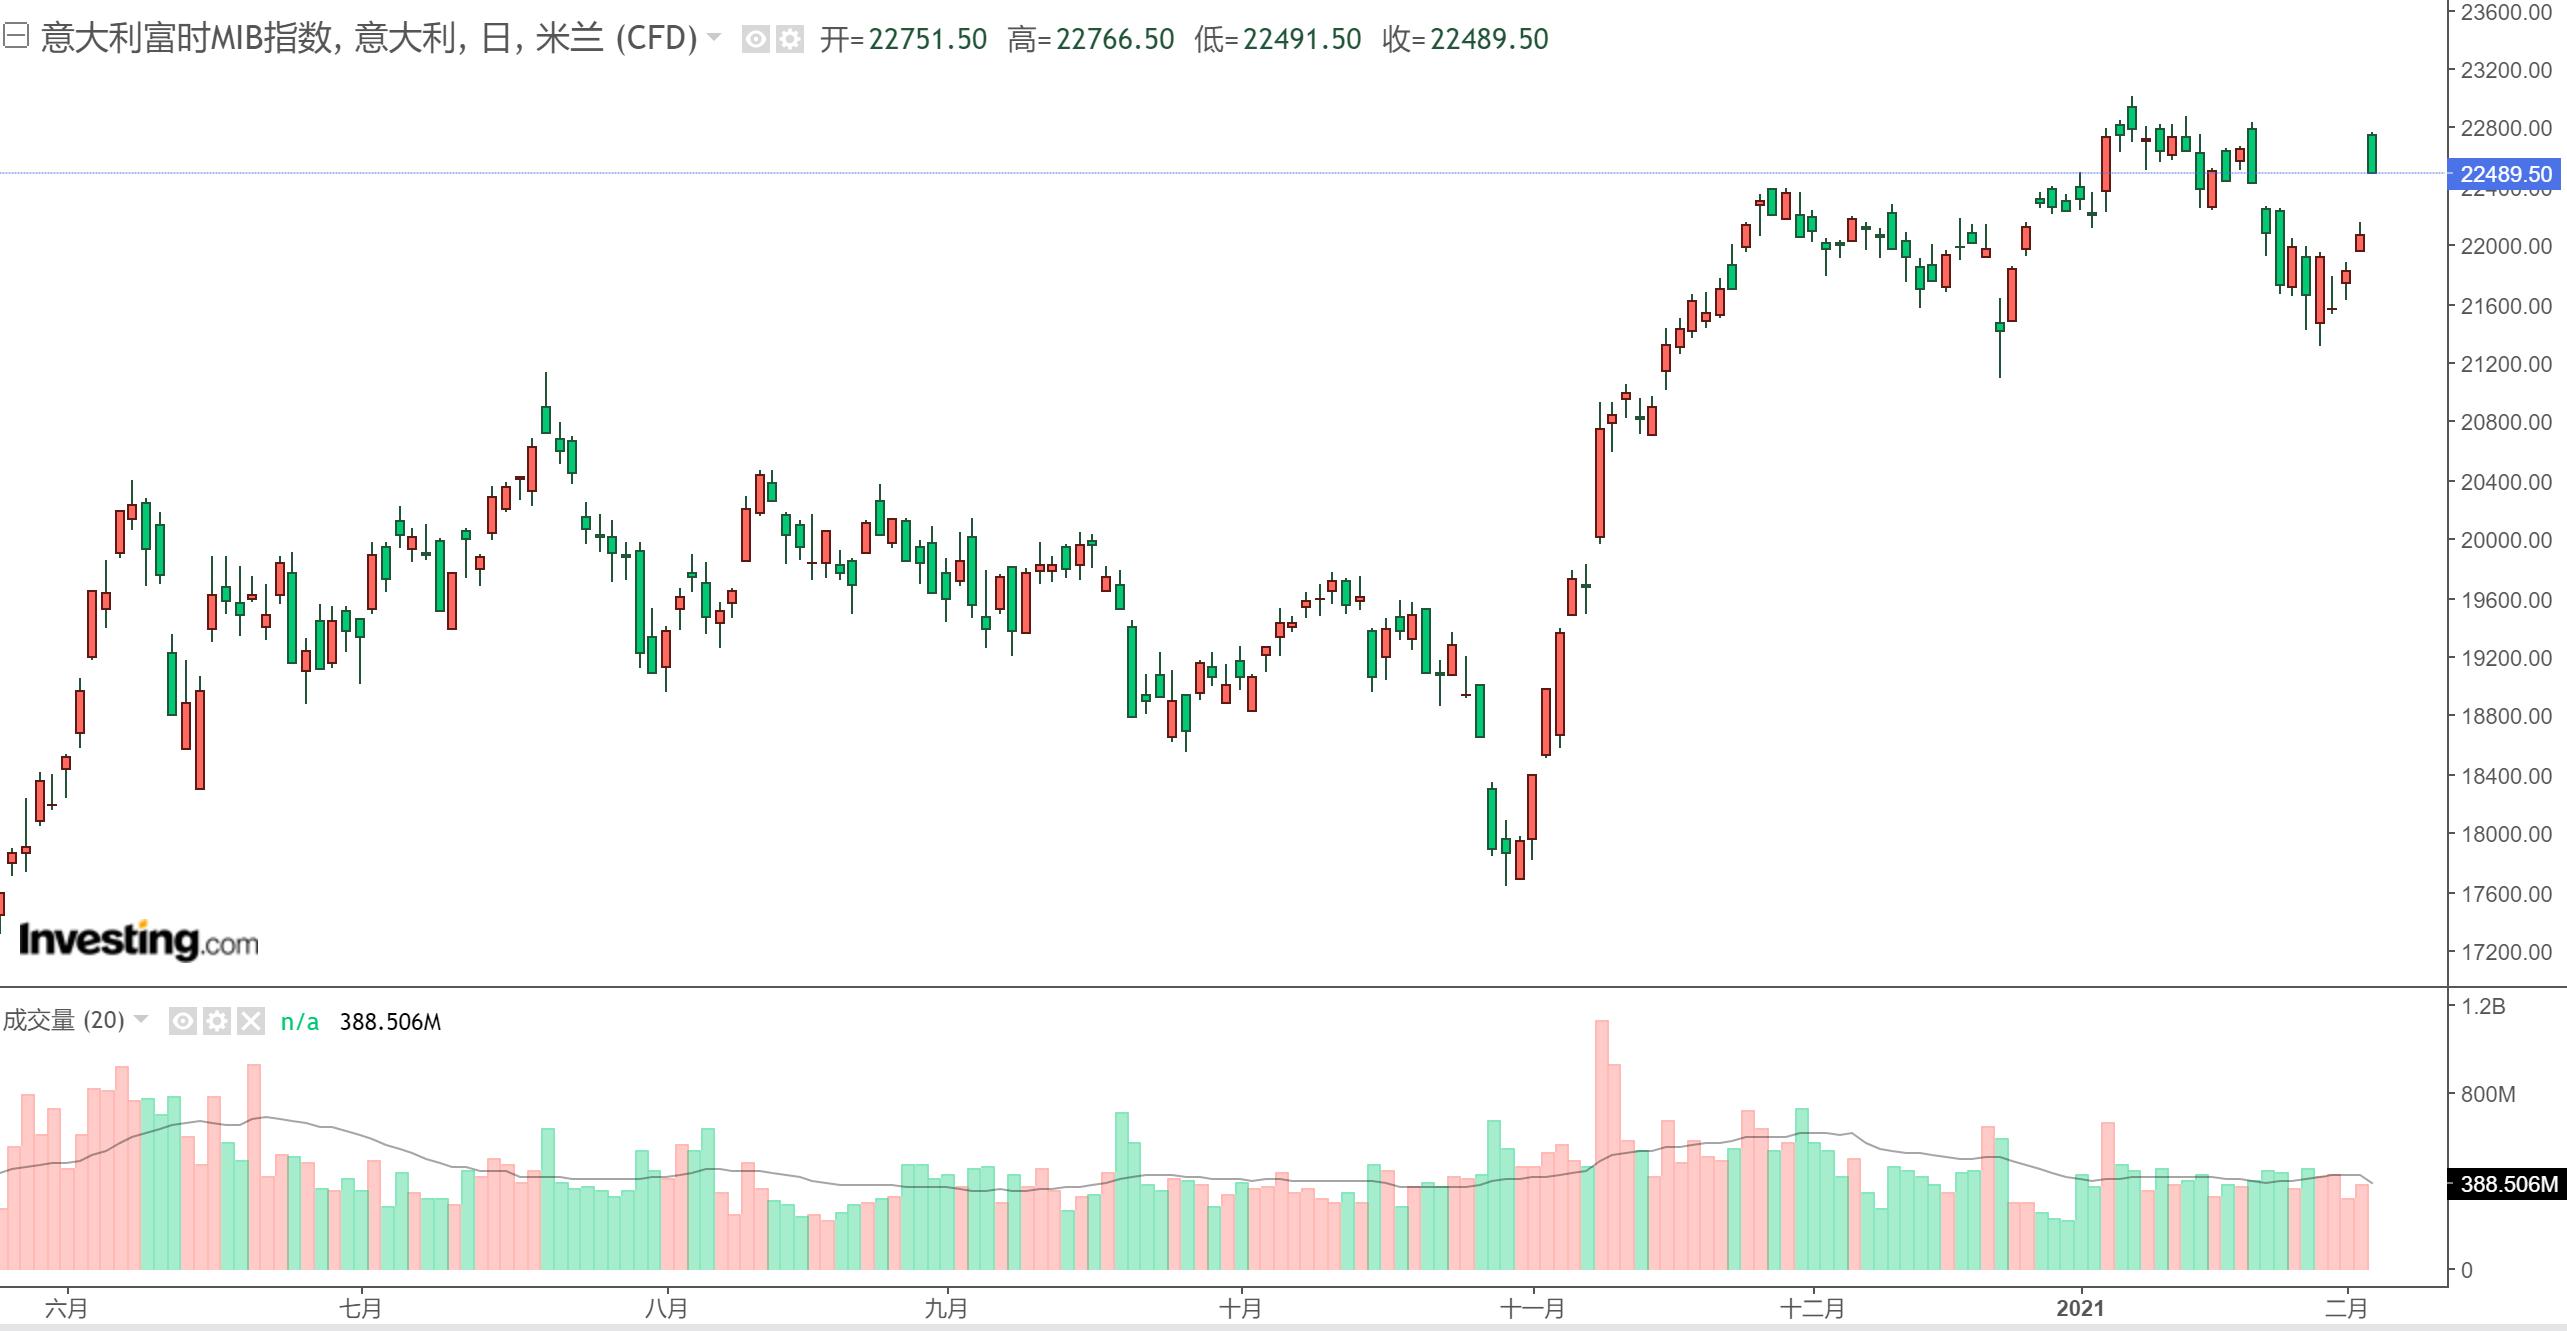 """欧洲""""鸽王""""德拉吉将受命组建意大利新政府 股市、债市闻风而动"""